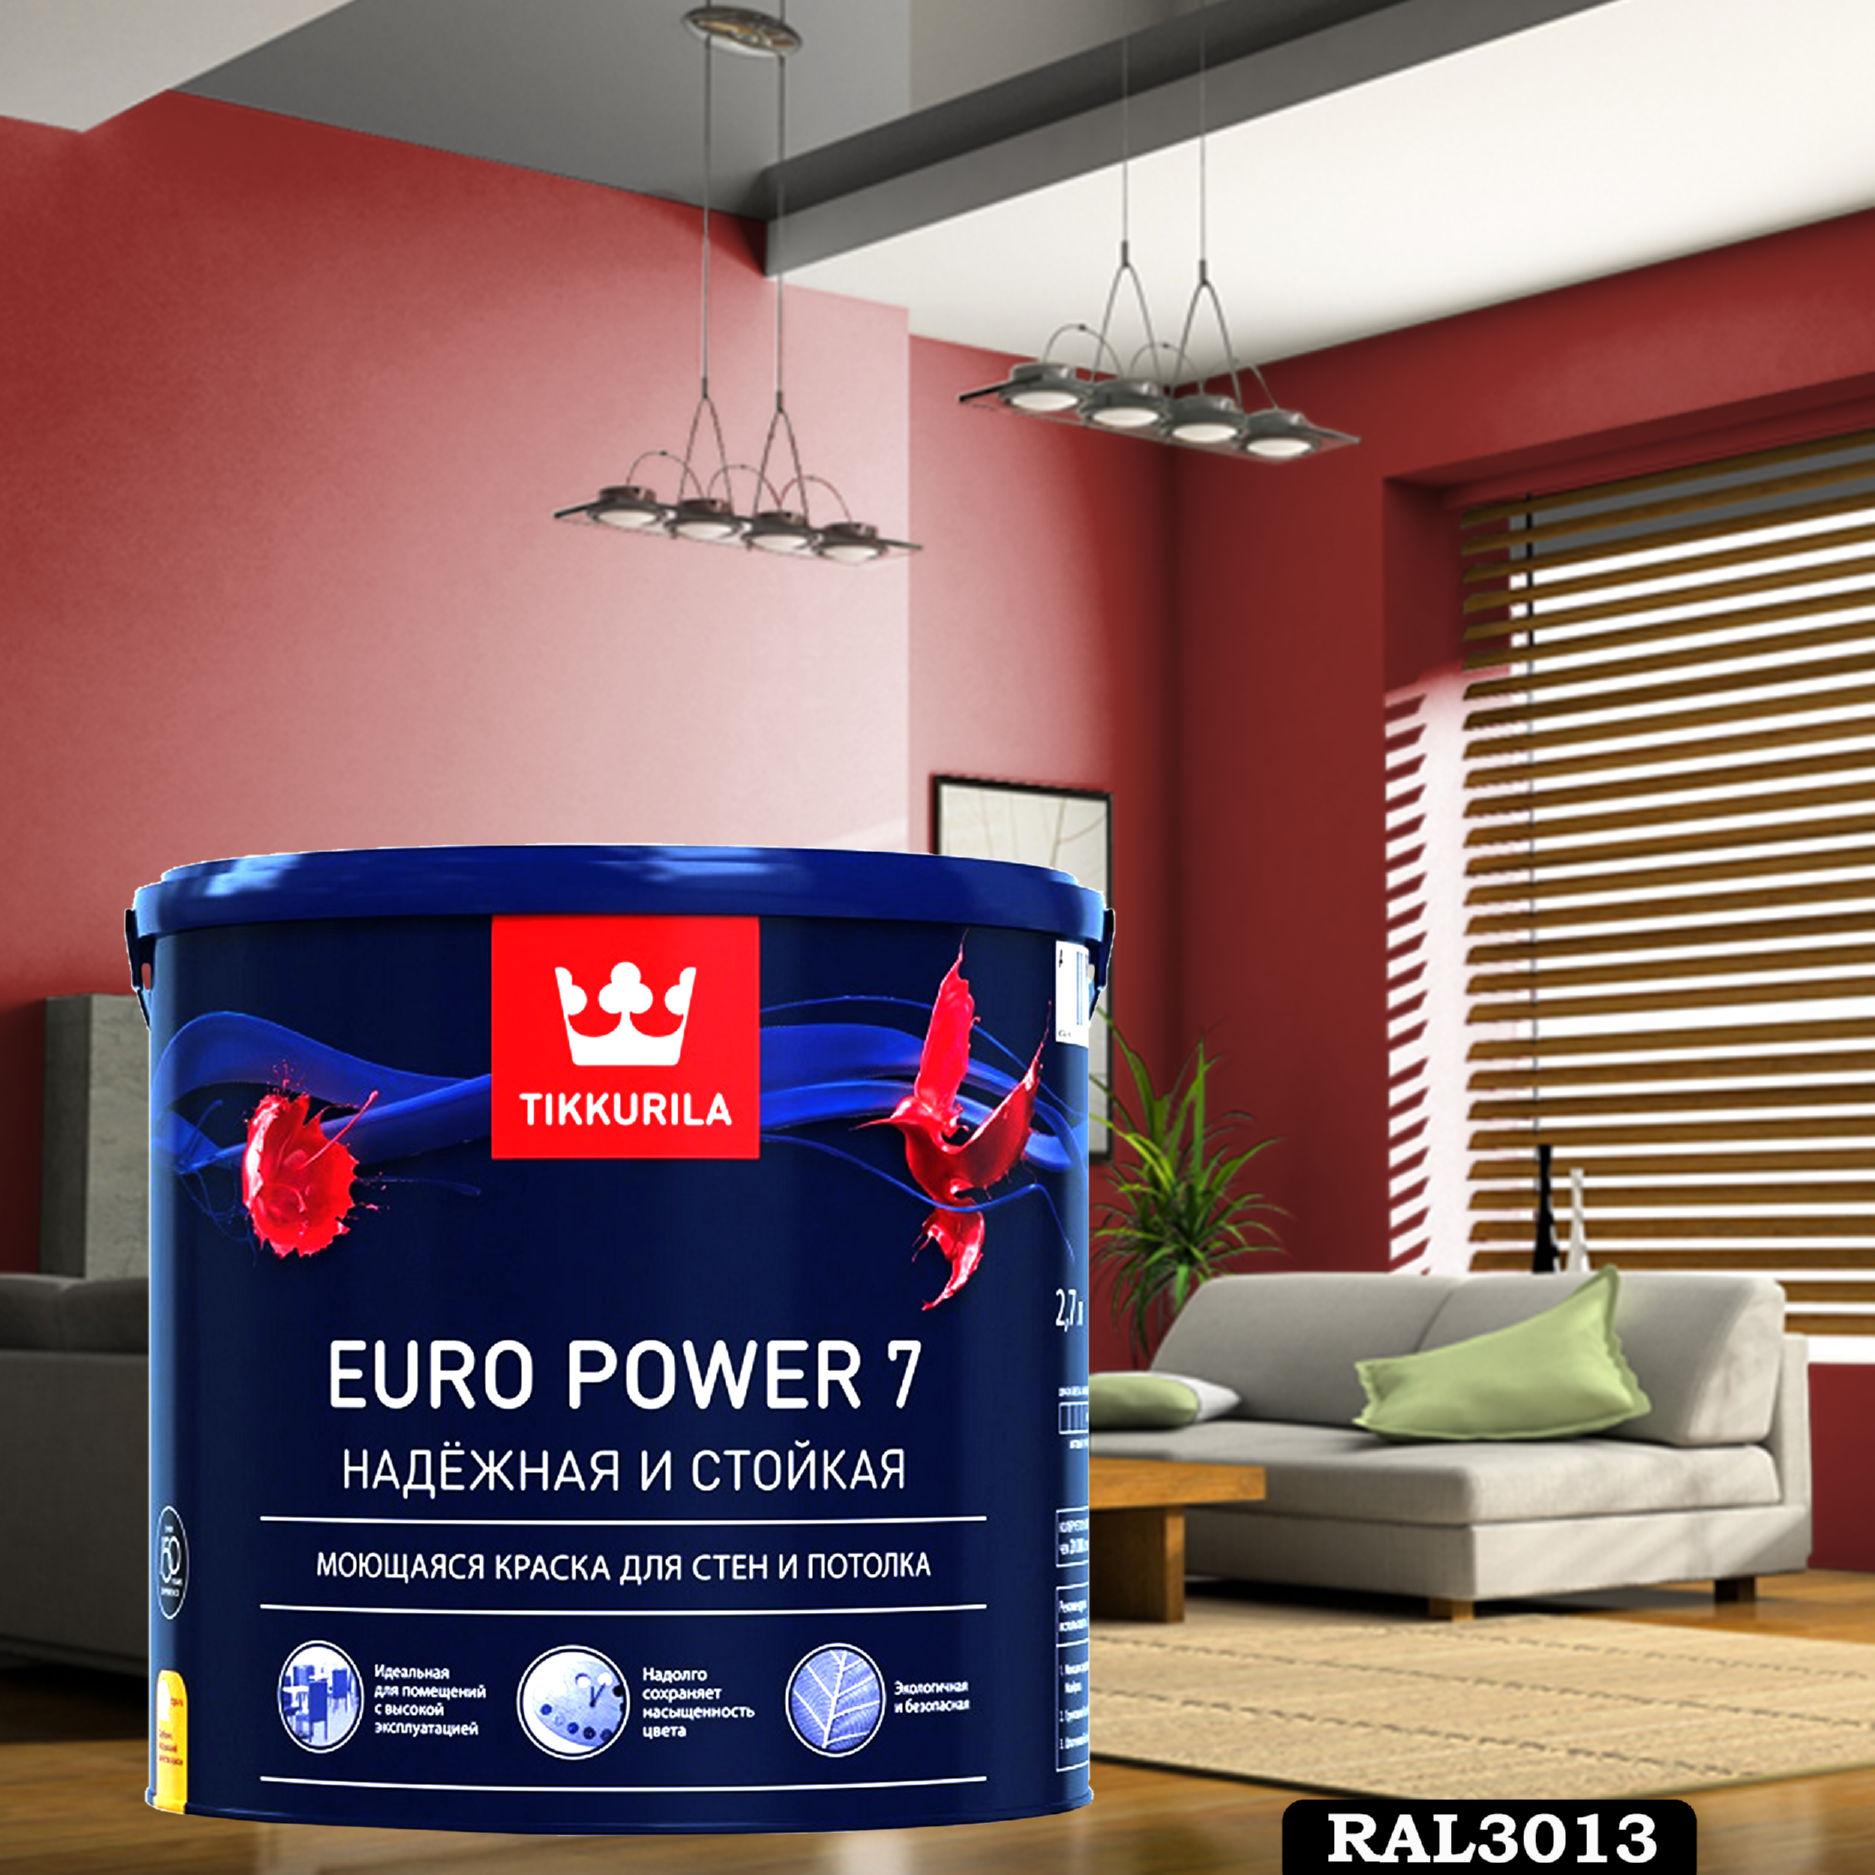 Фото 11 - Краска TIKKURILA Euro Power 7,  RAL 3013 Томатно-красный, латексная моющаяся матовая интерьерная, 9 л.